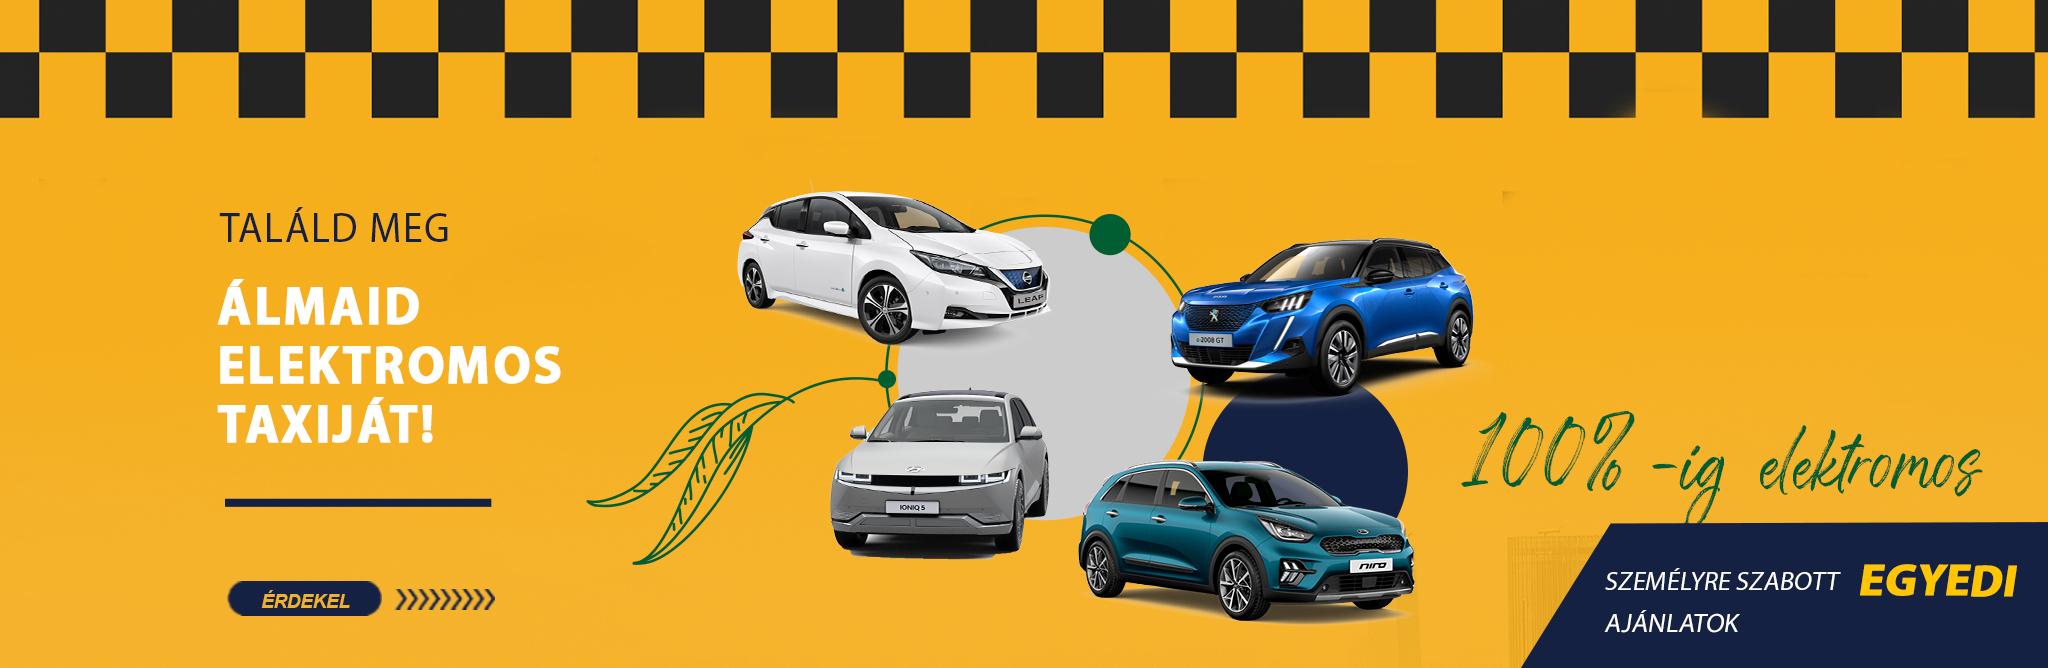 Elektromos Taxi támogatás